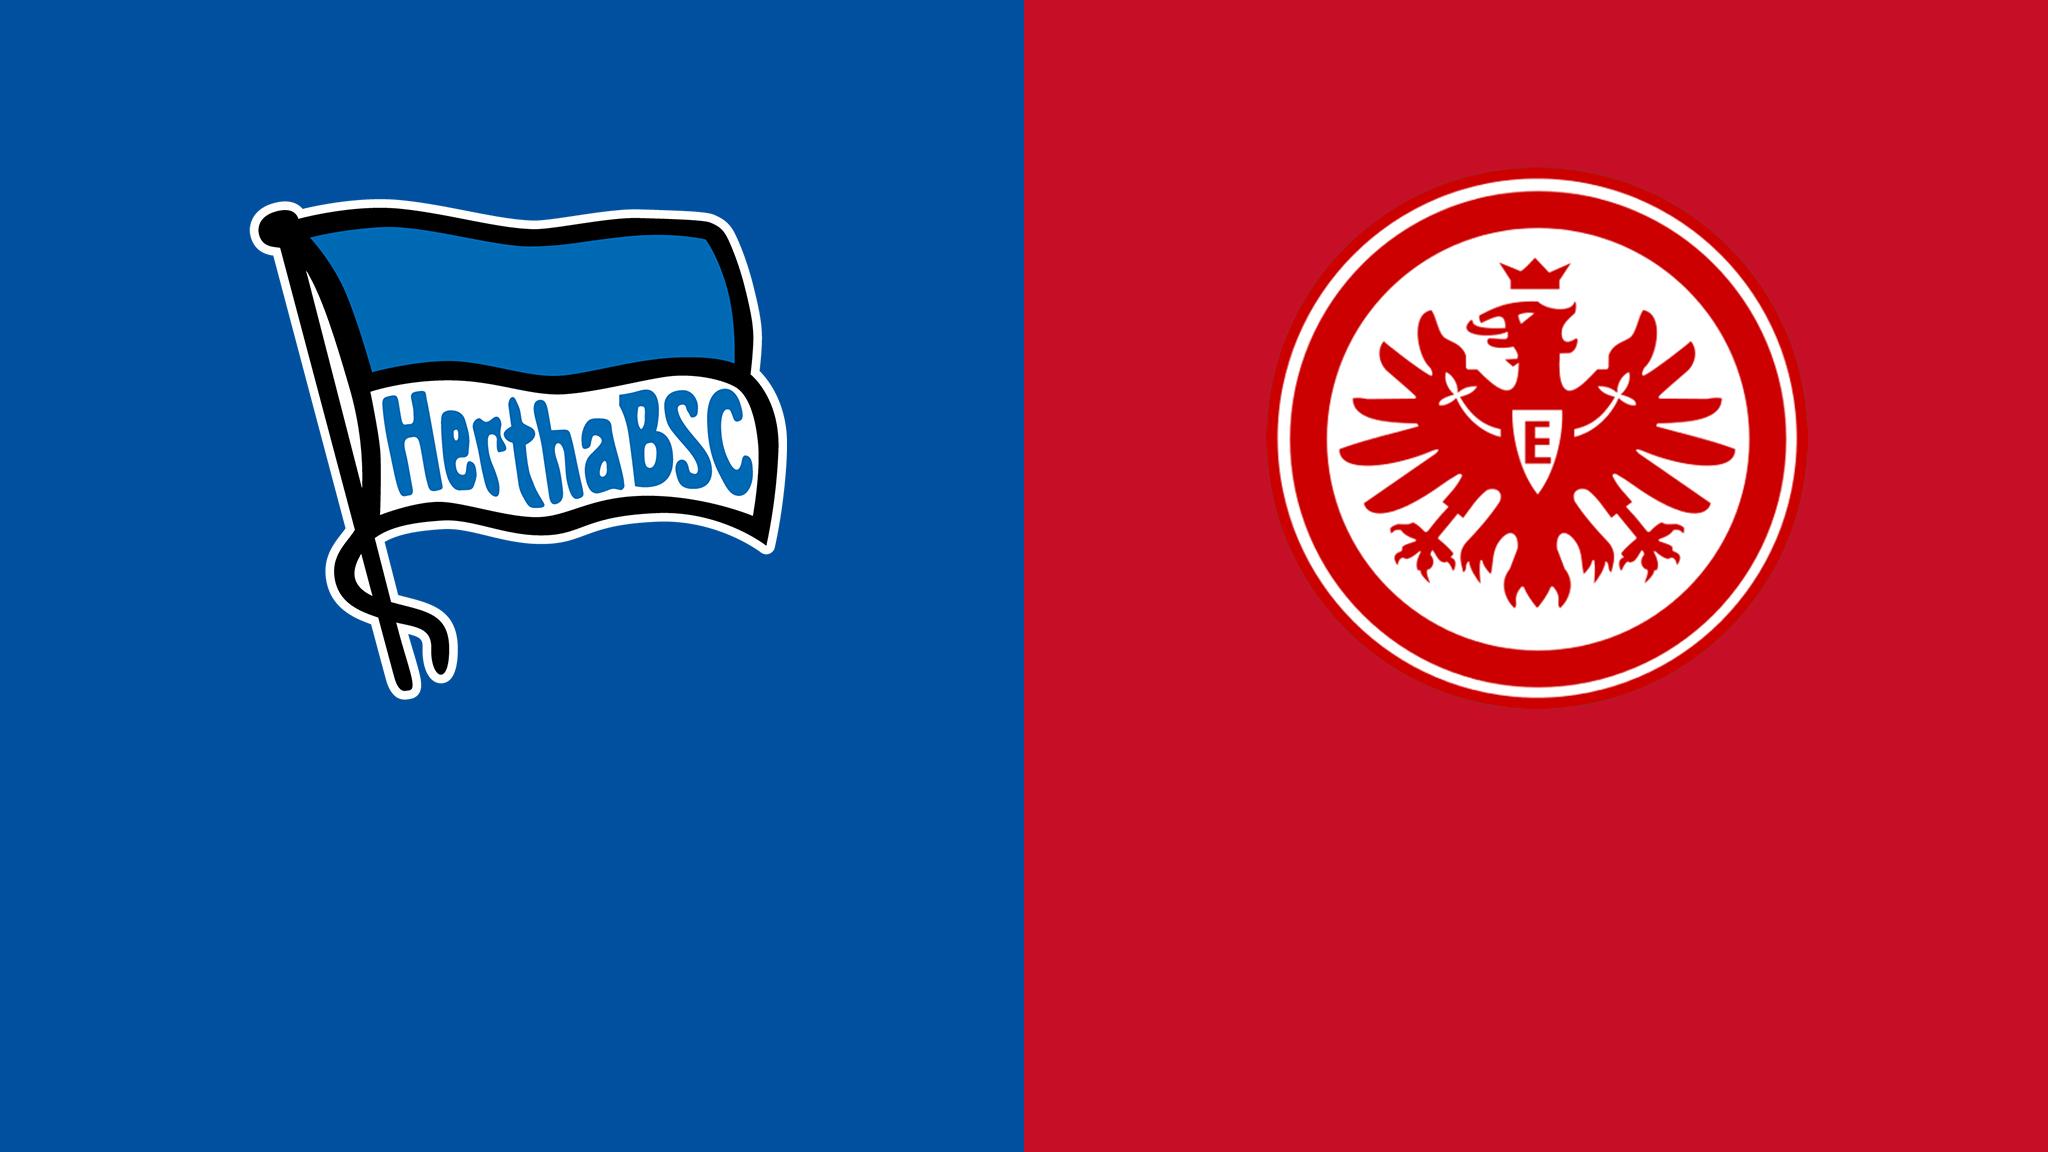 「德甲」赛事前瞻:柏林赫塔vs法兰克福,柏林赫塔更胜一筹